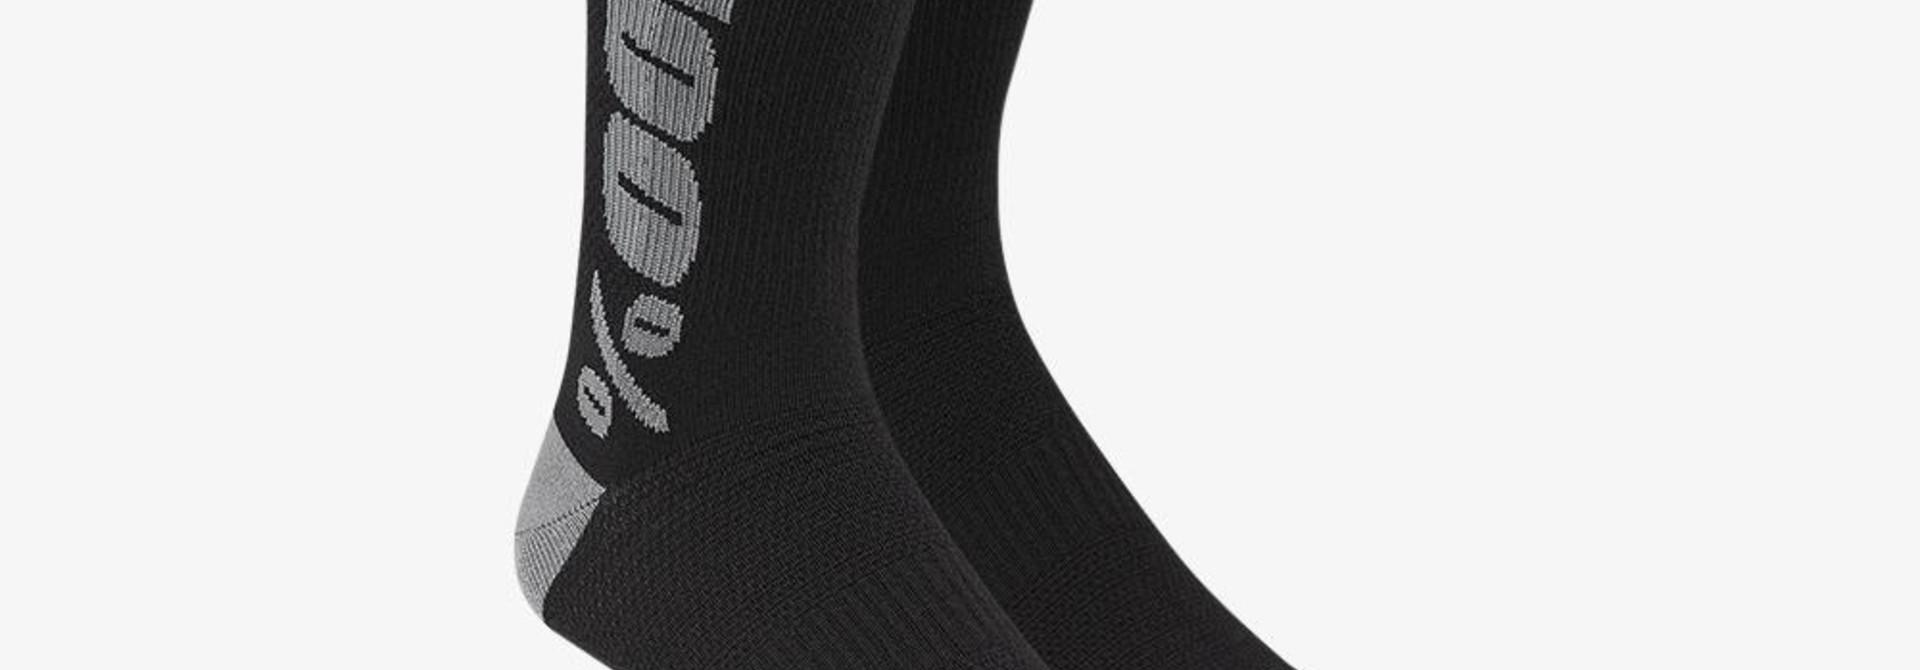 Rythym Merino Performance Socks